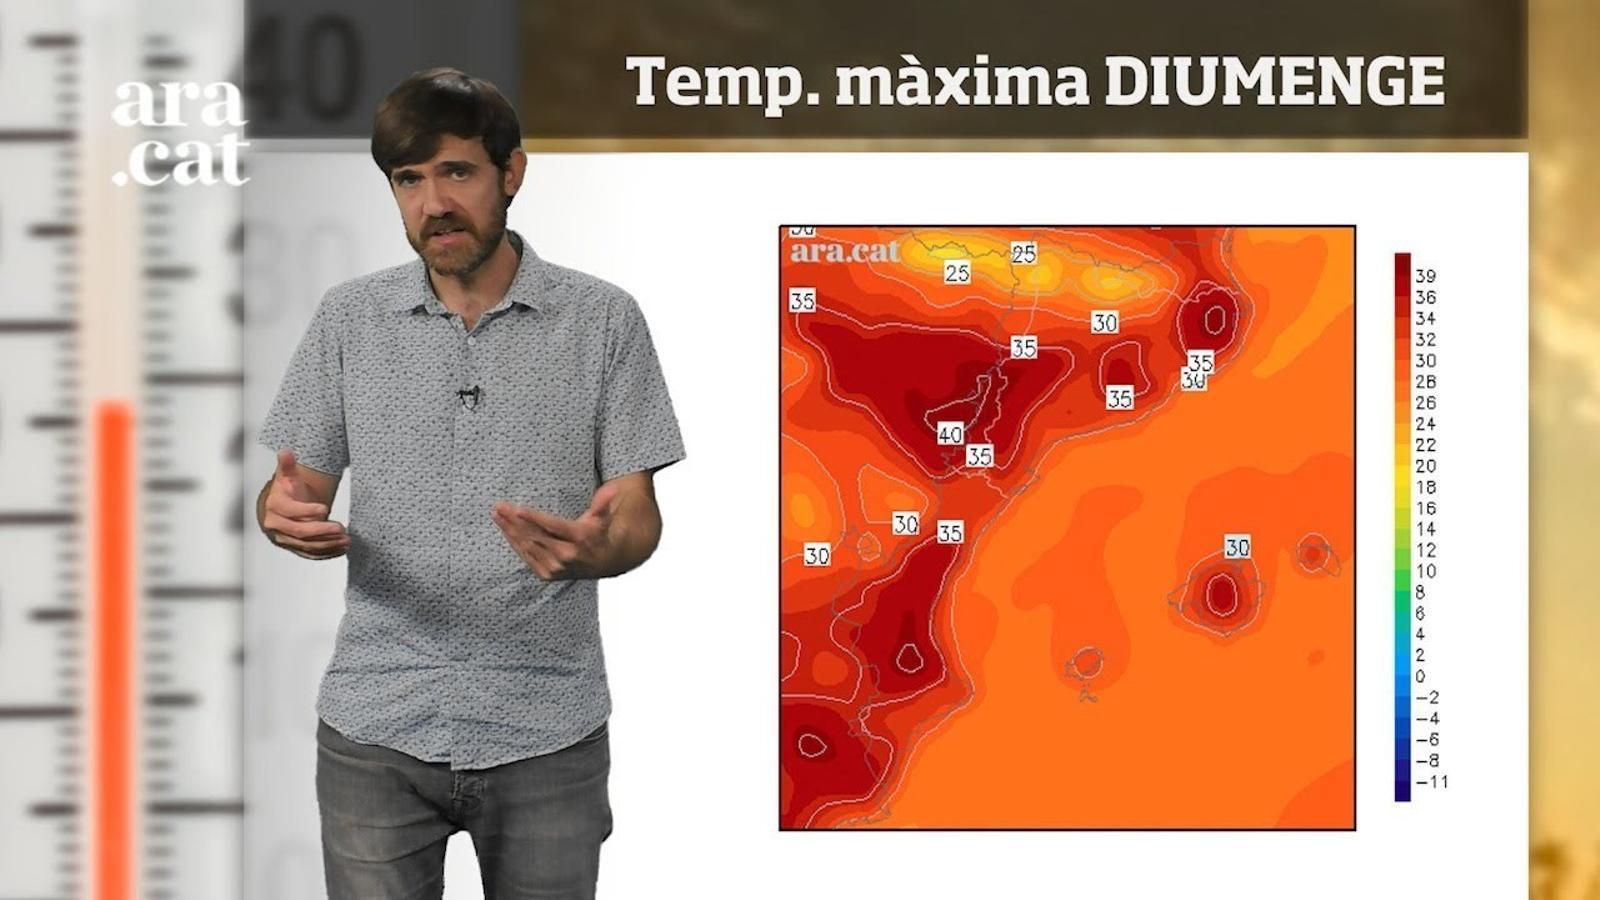 Méteo especial: cap de setmana de calor forta que no durarà